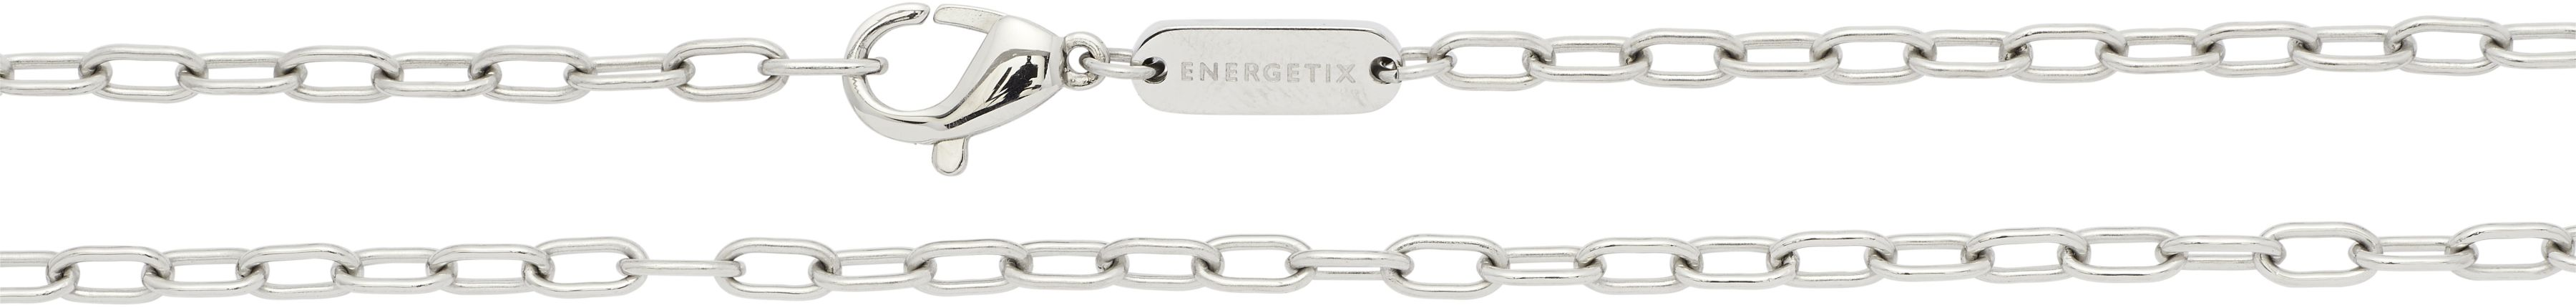 łańcuszek magnetyczny 2779-1 wyraziste ogniwa ze stali szlachetnej 90cm.